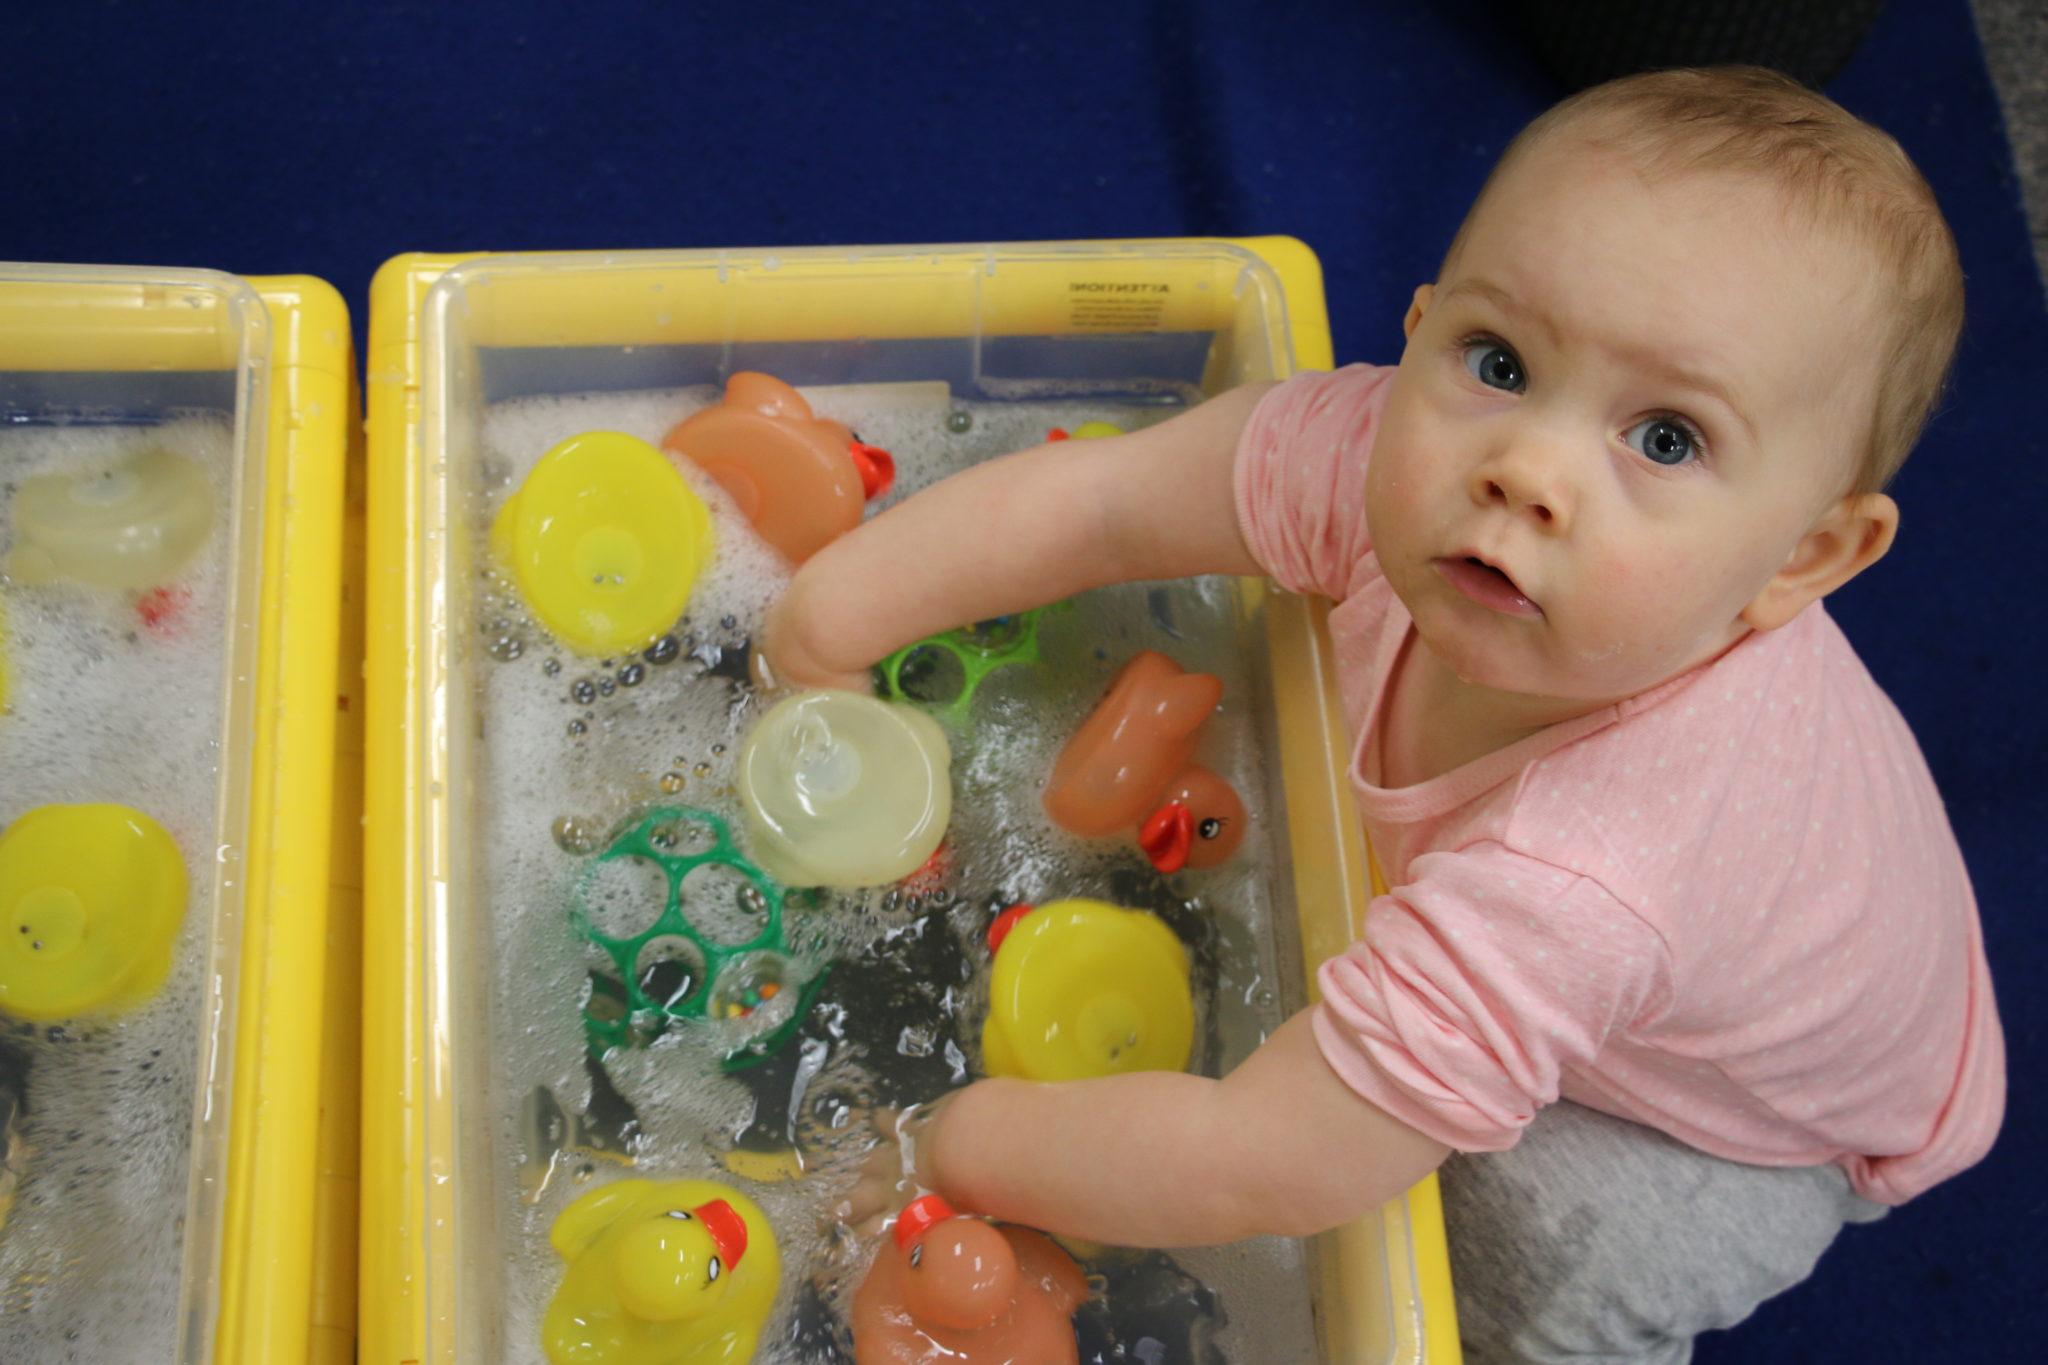 Image: Fessenden Children's Center - Infant program for girls and boys in Newton, Mass.